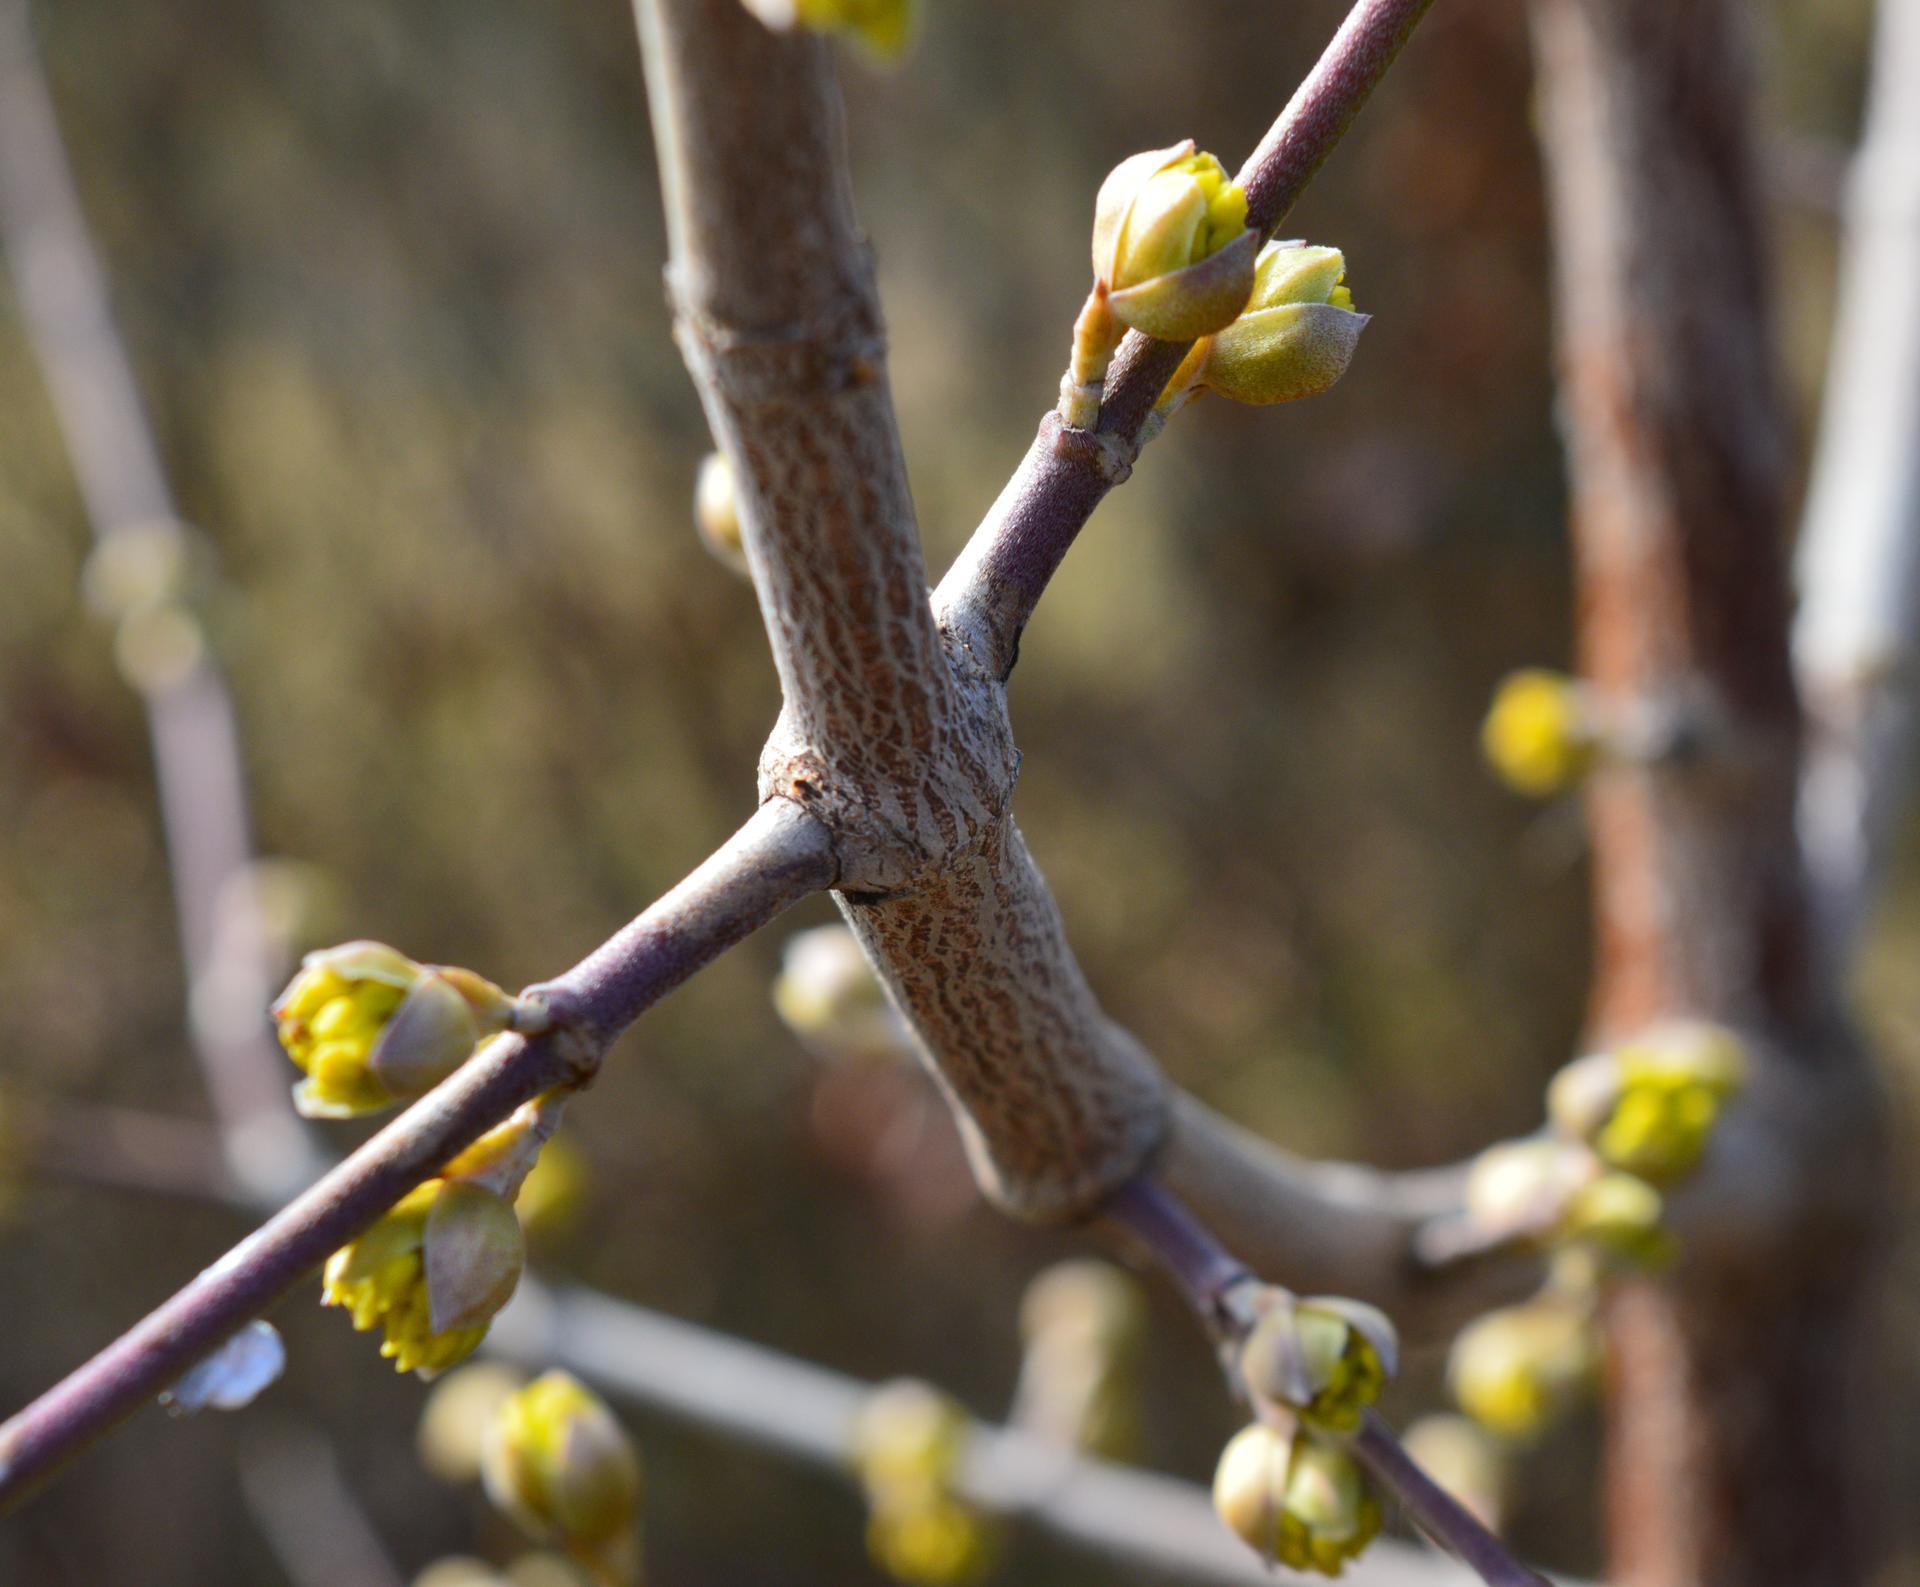 Naša prírodná perma záhradka v roku 2021 - 3/2021 - drieň veľmi opatrne